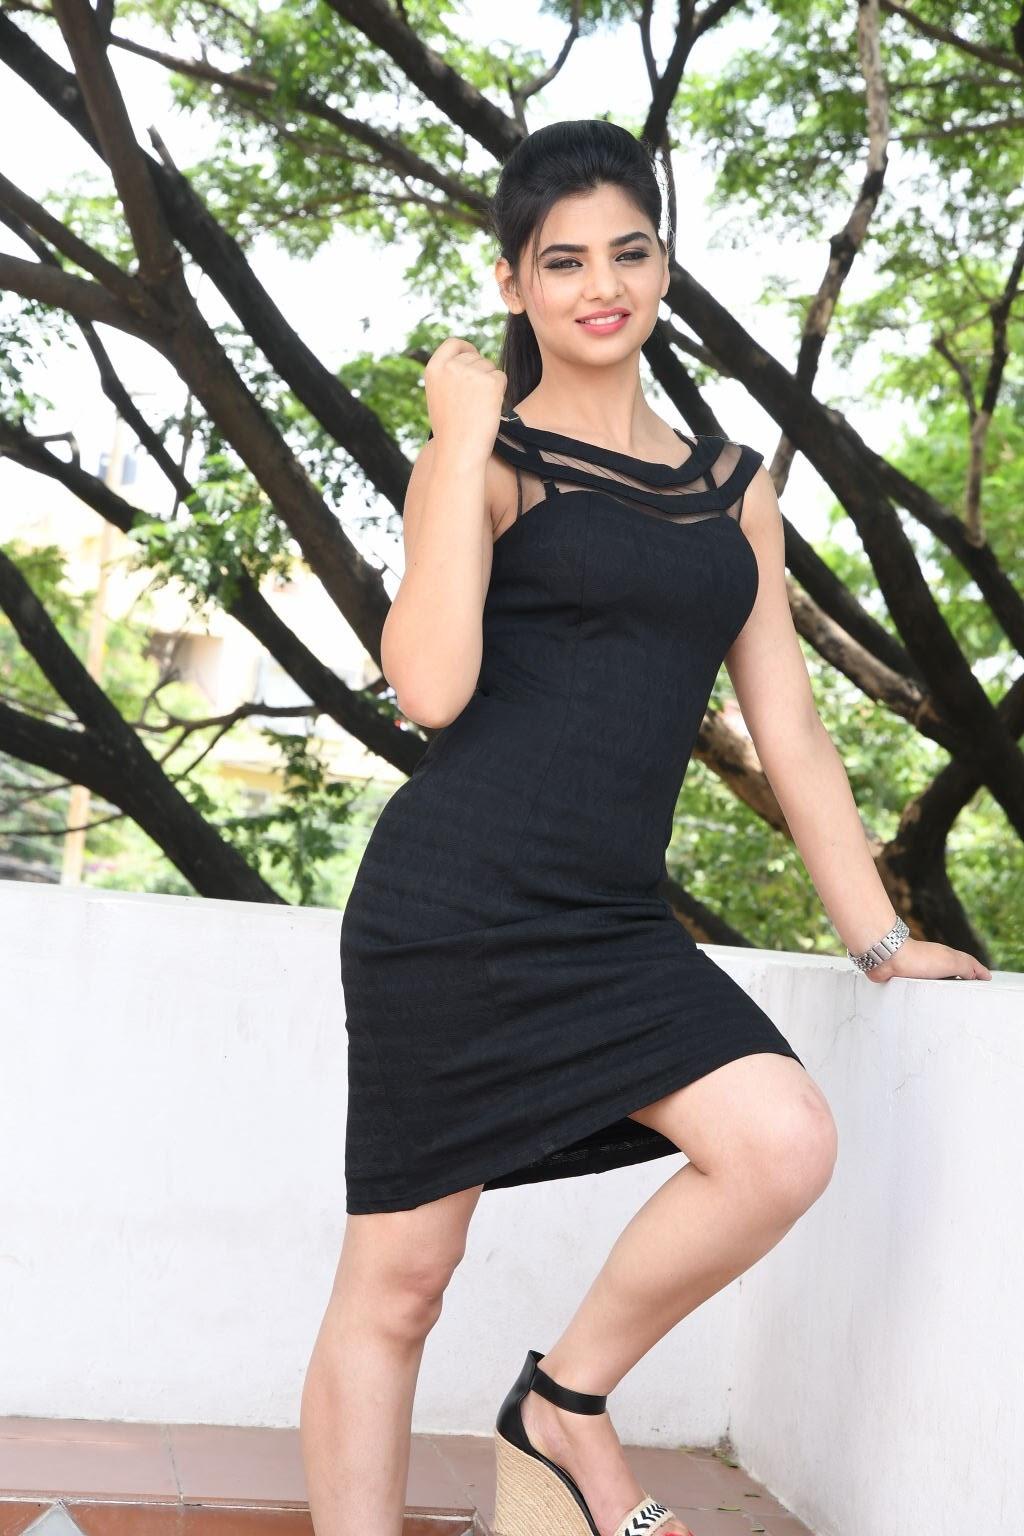 kamna ranawat new glam pics-HQ-Photo-18